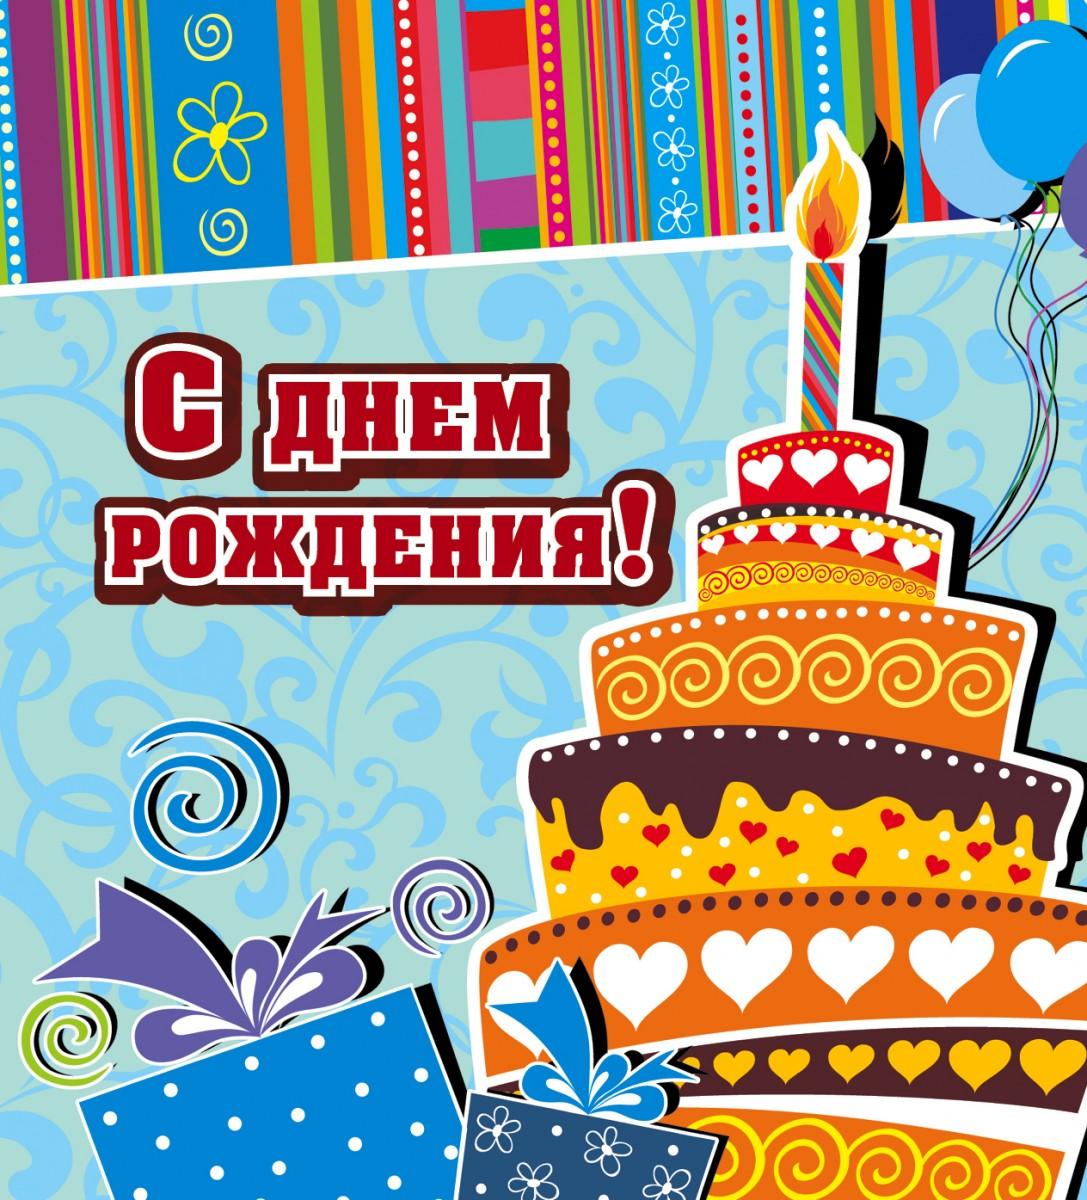 Рисунок на обложке открытки с днем рождения